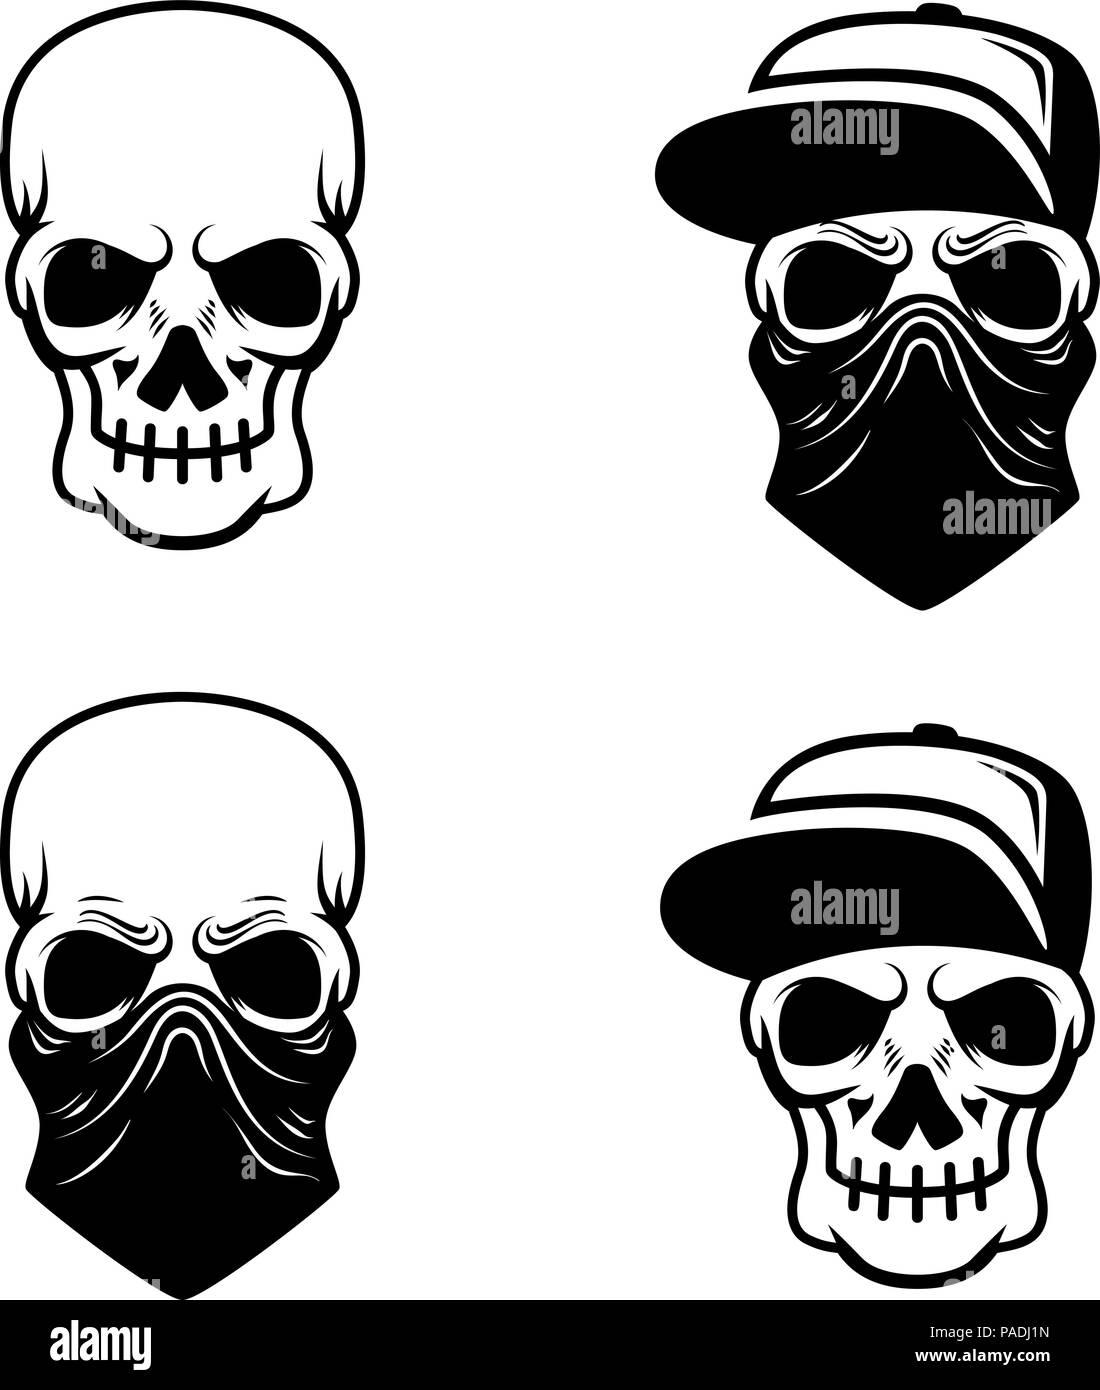 Gangster Shirt Designs   Gangster Schadel Mit Baseballmutze Und Bandana Design Element Fur